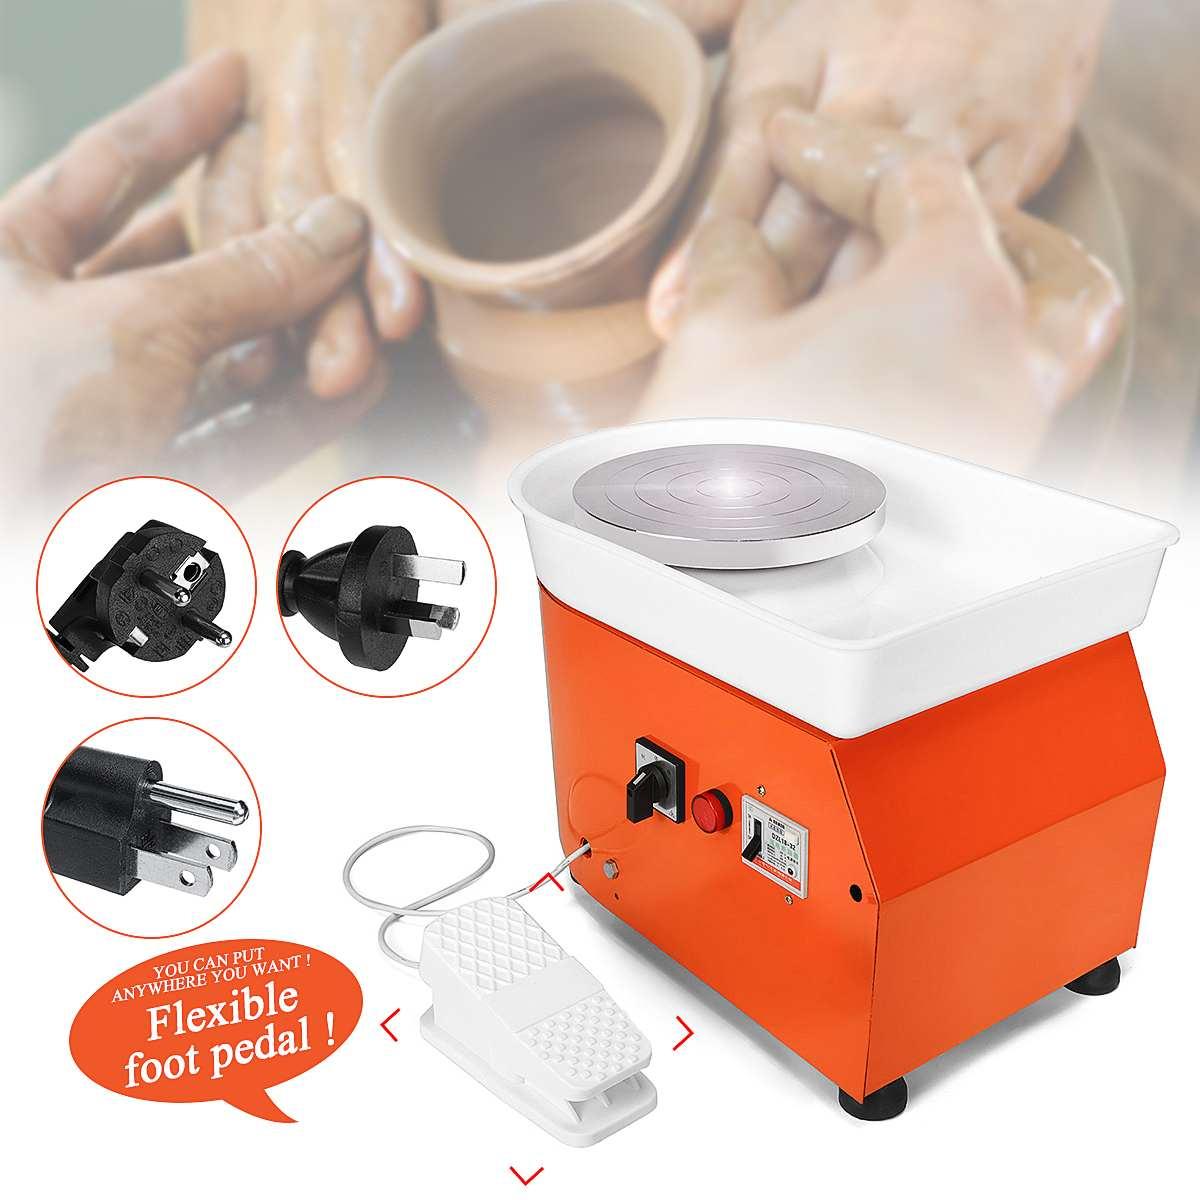 25 cm AC 110 V/220 V poterie roue Machine céramique travail céramique argile Art avec pédale Mobile métal + alliage d'aluminium 42x52x35 cm - 3